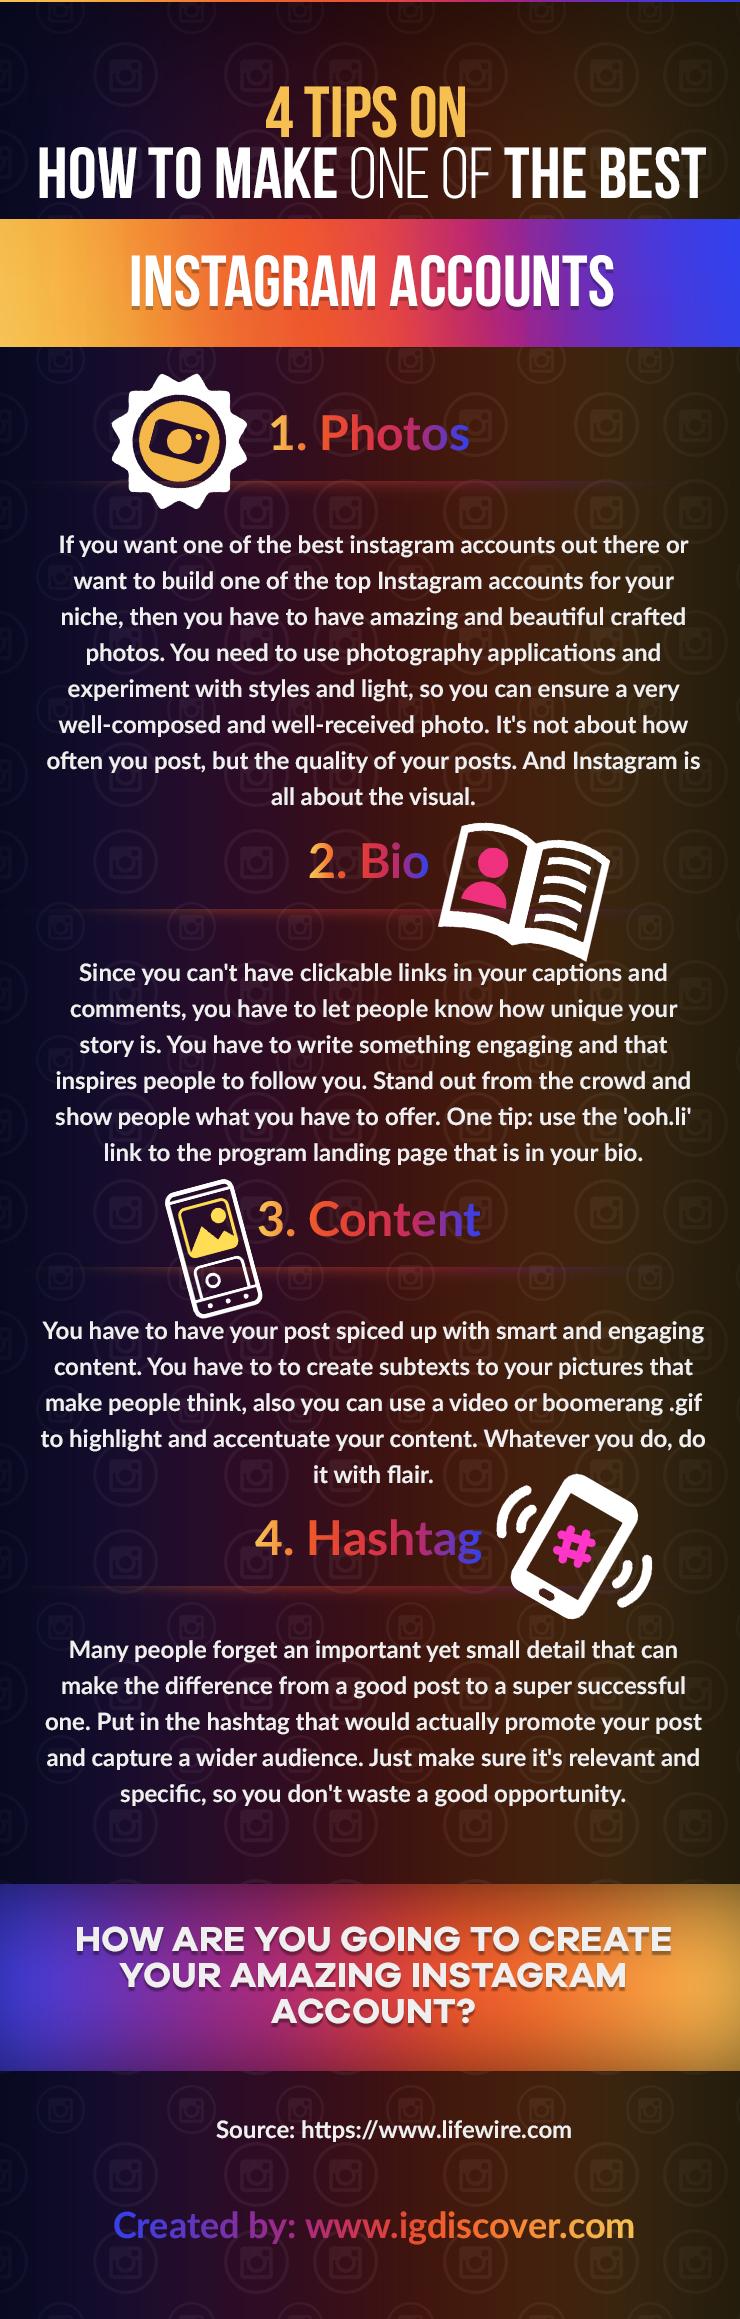 4 Tips on Best Instagram account